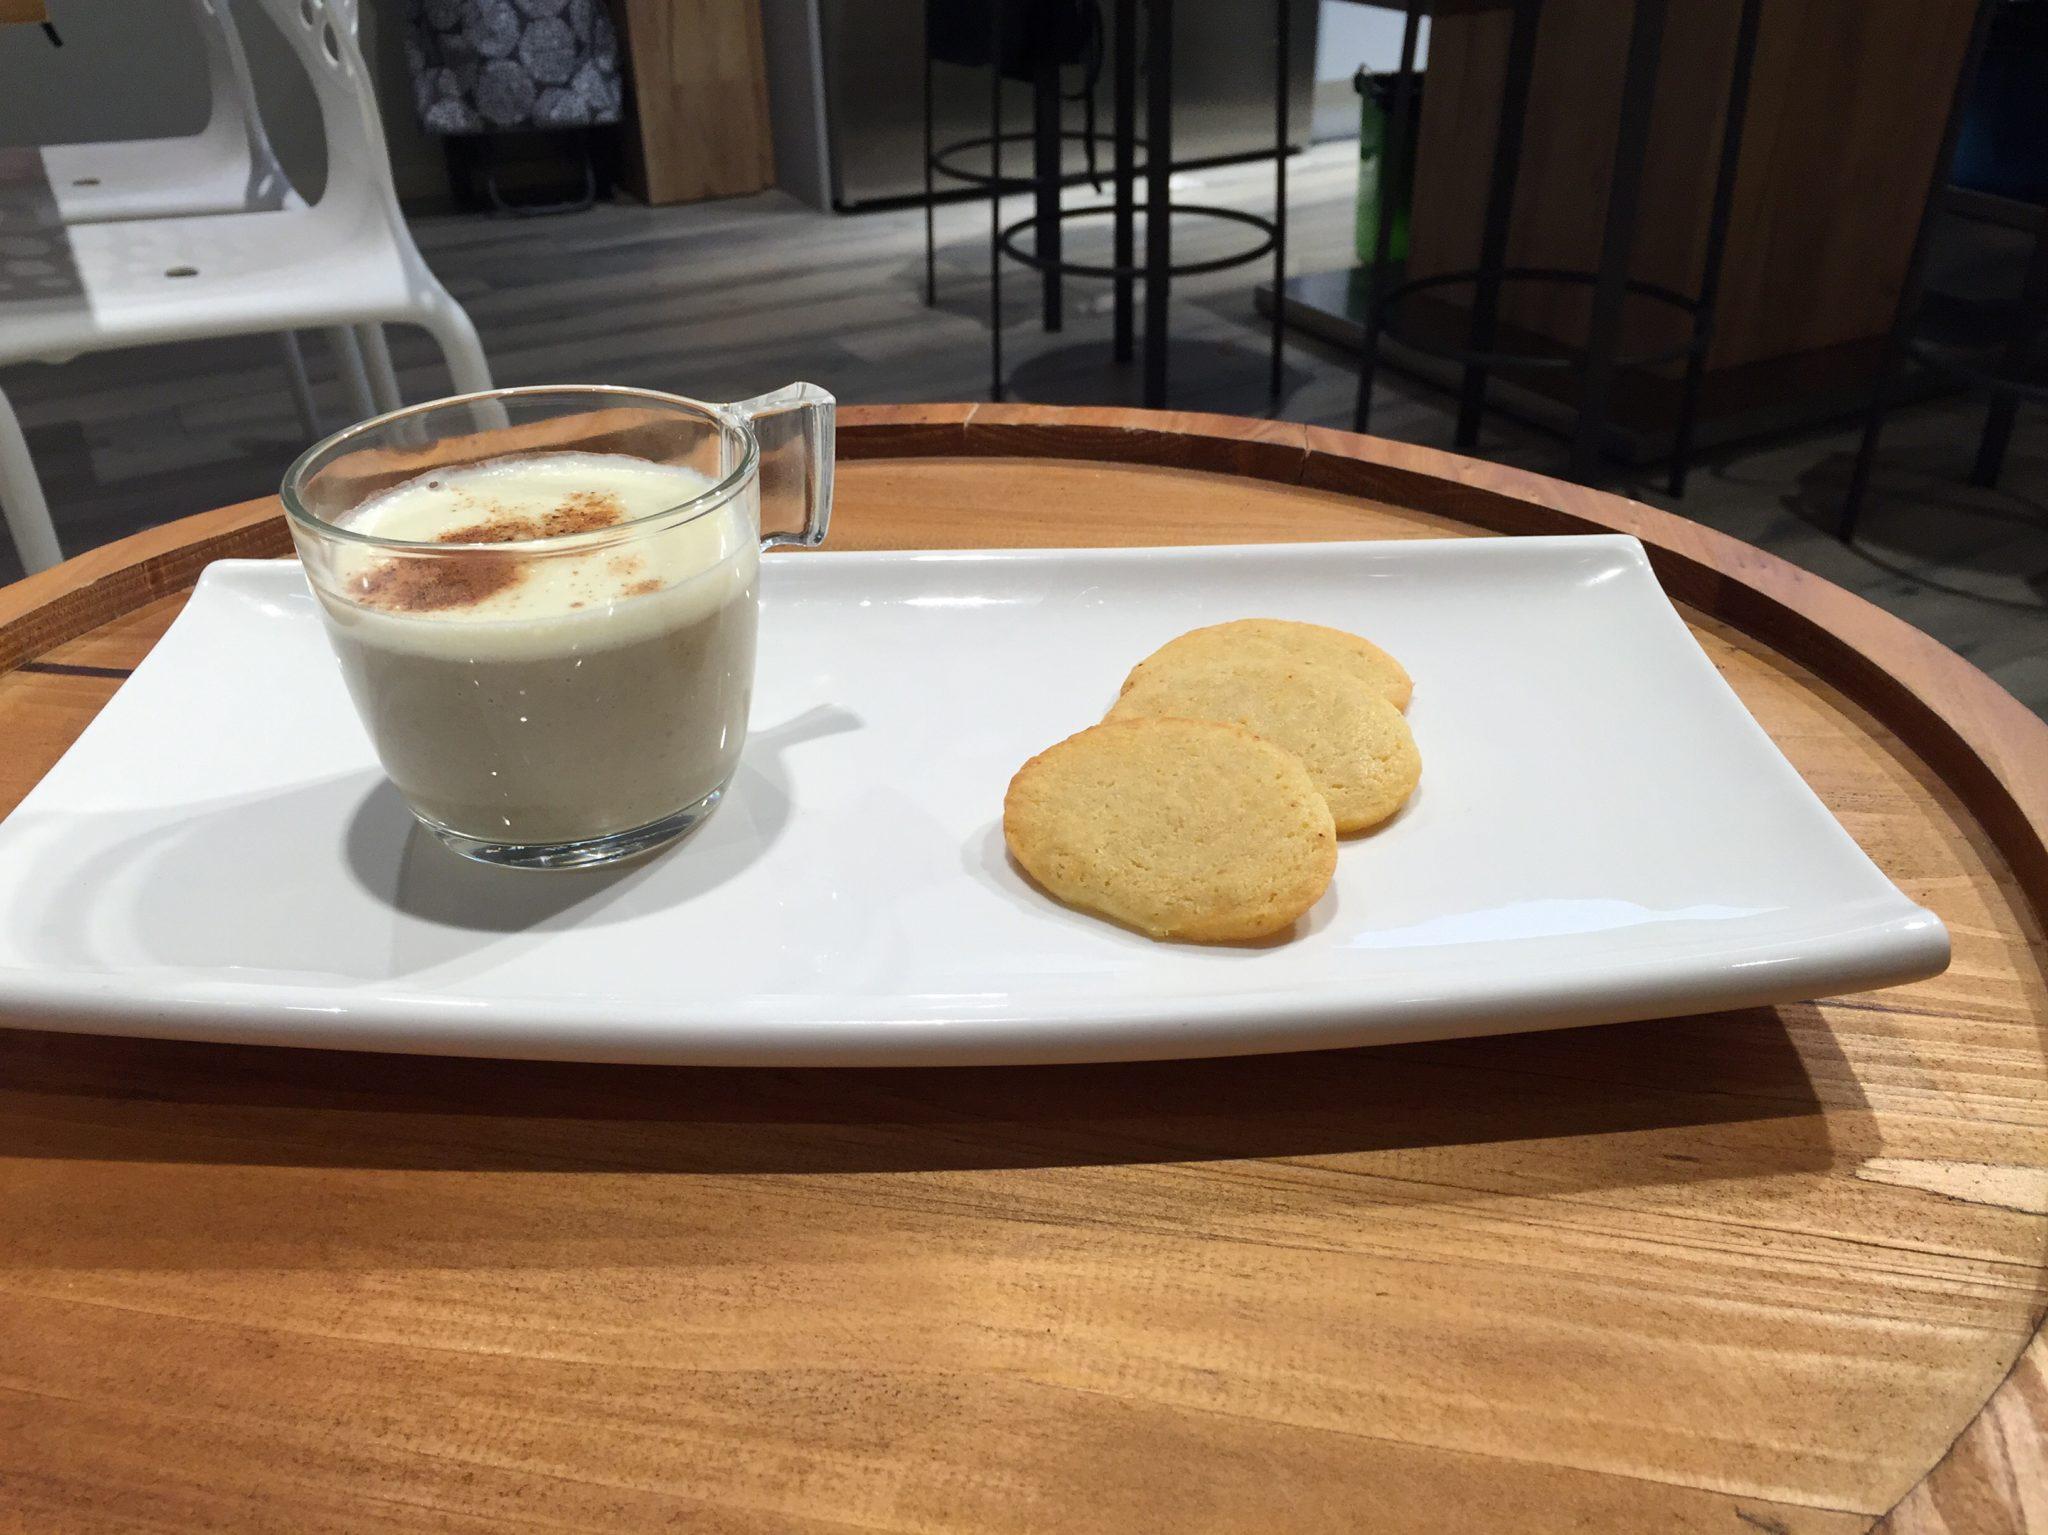 Trampantojo de leche con galletas